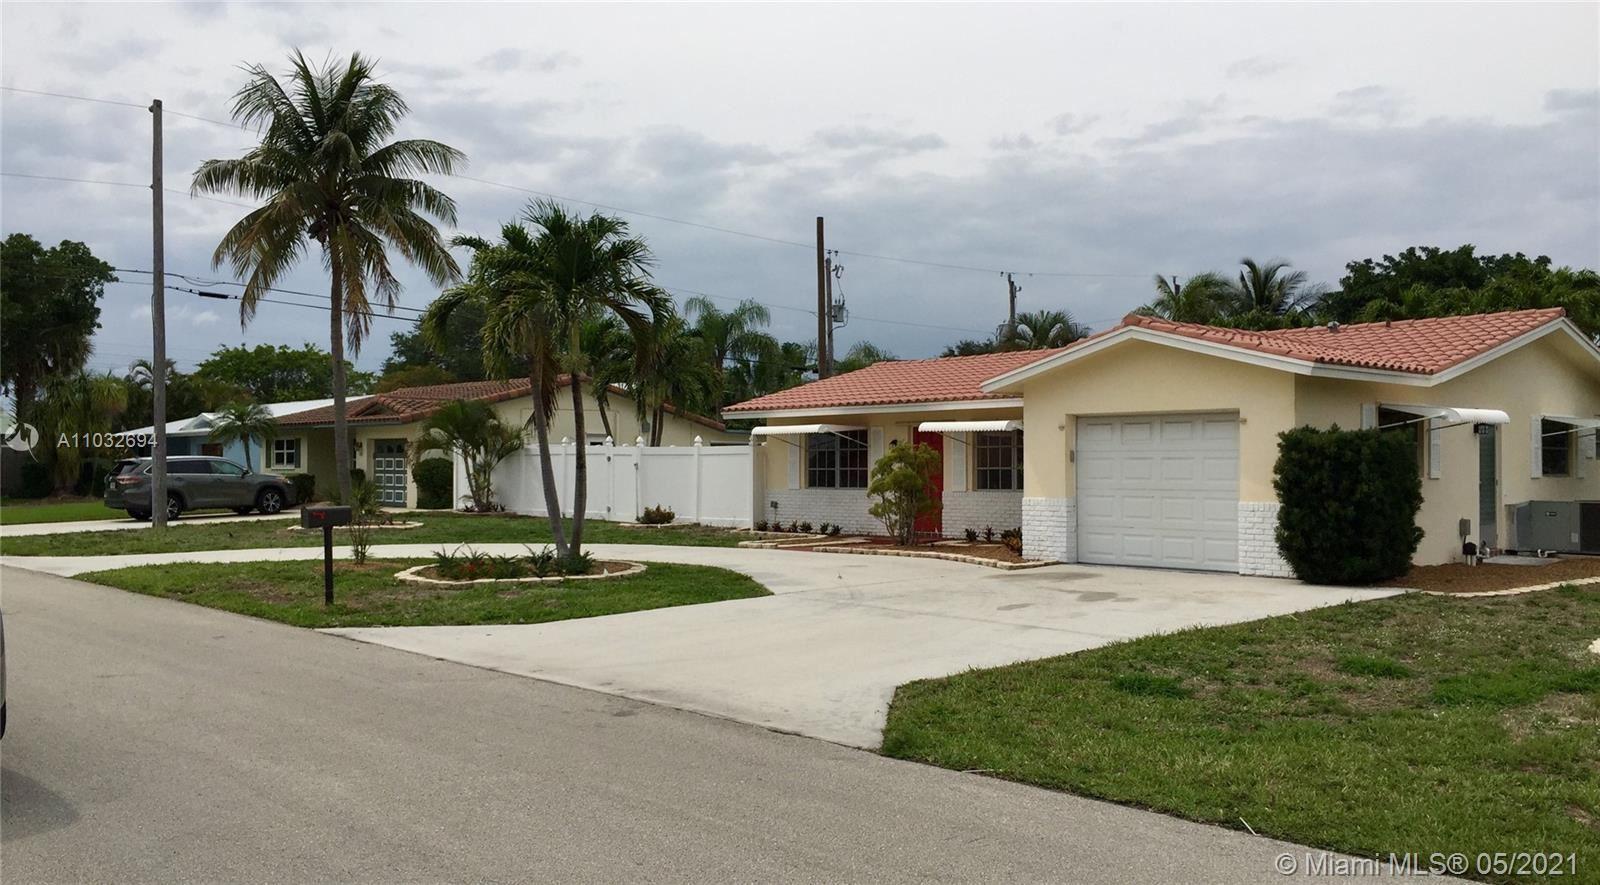 499 NE 46th St, Boca Raton, FL 33431 - #: A11032694